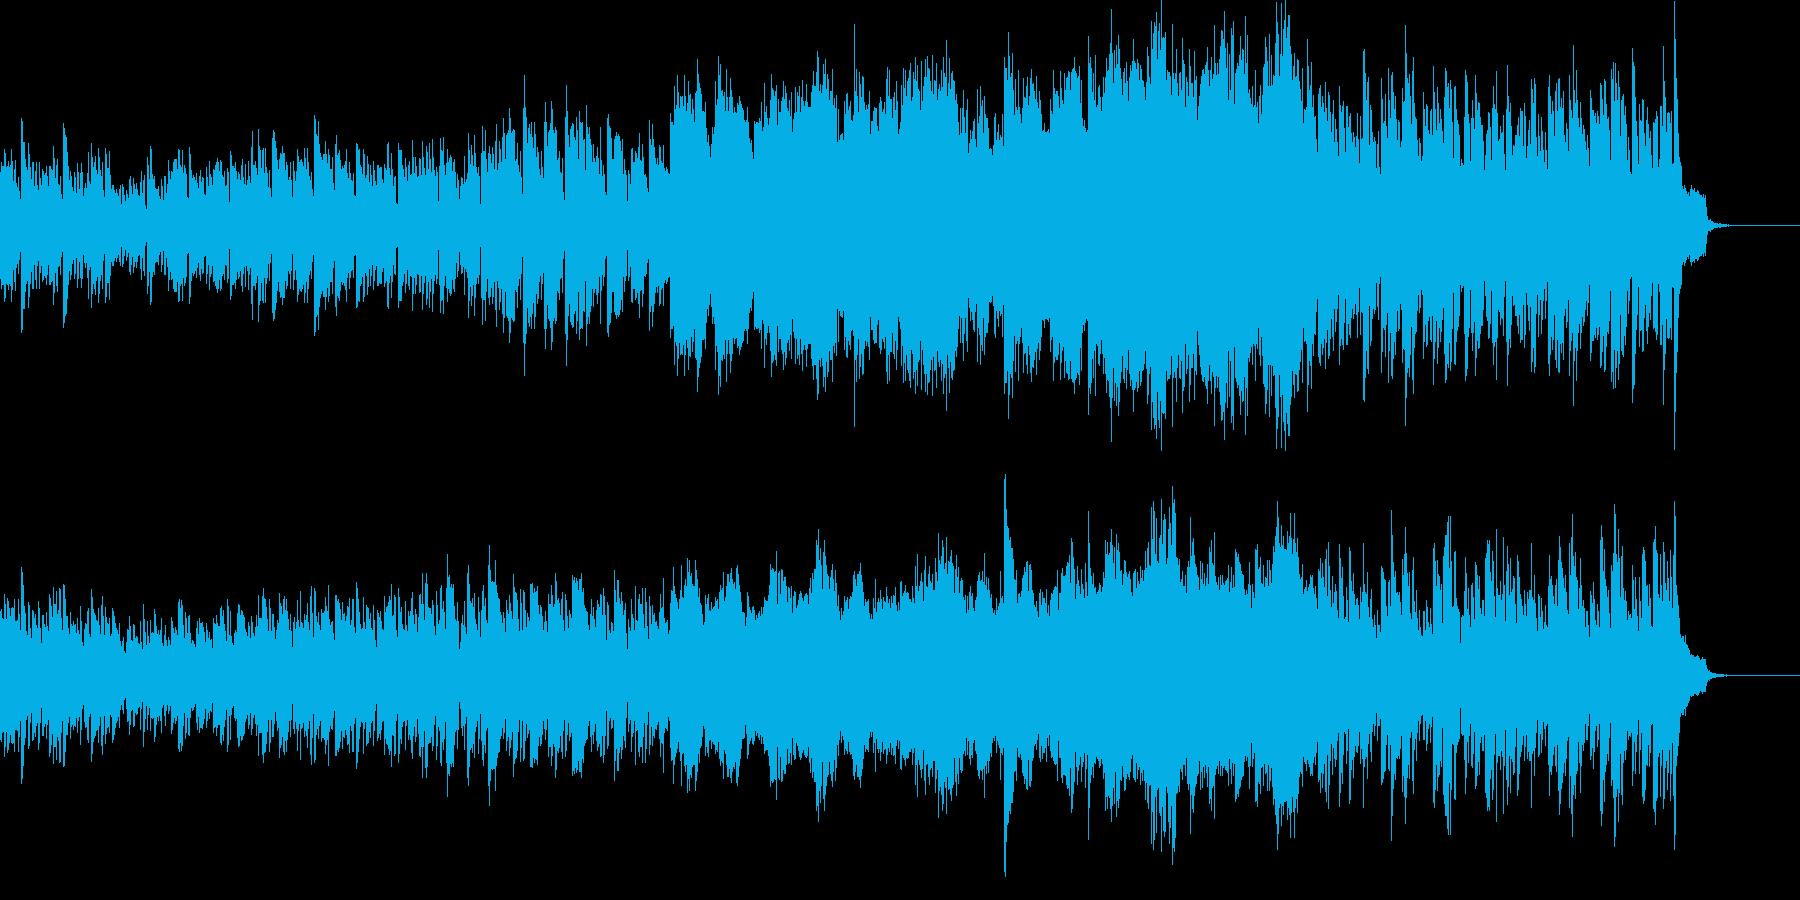 波のようなピアノの映像用BGMの再生済みの波形